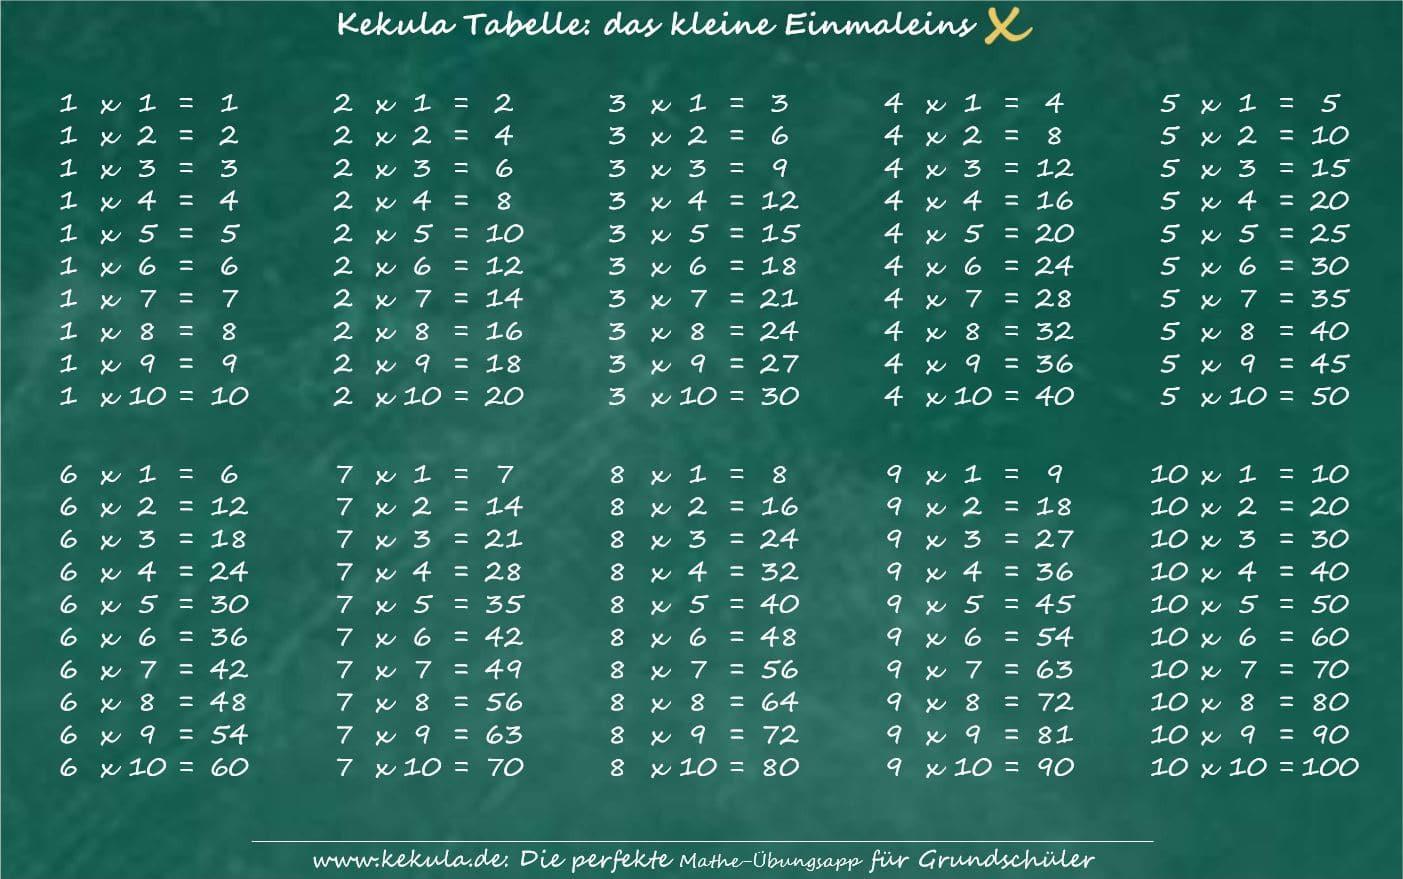 1x1Tabelle - Lernkarte zum kleinen Einmaleins - es 1x1,Tabelle,kostenlos,PDF